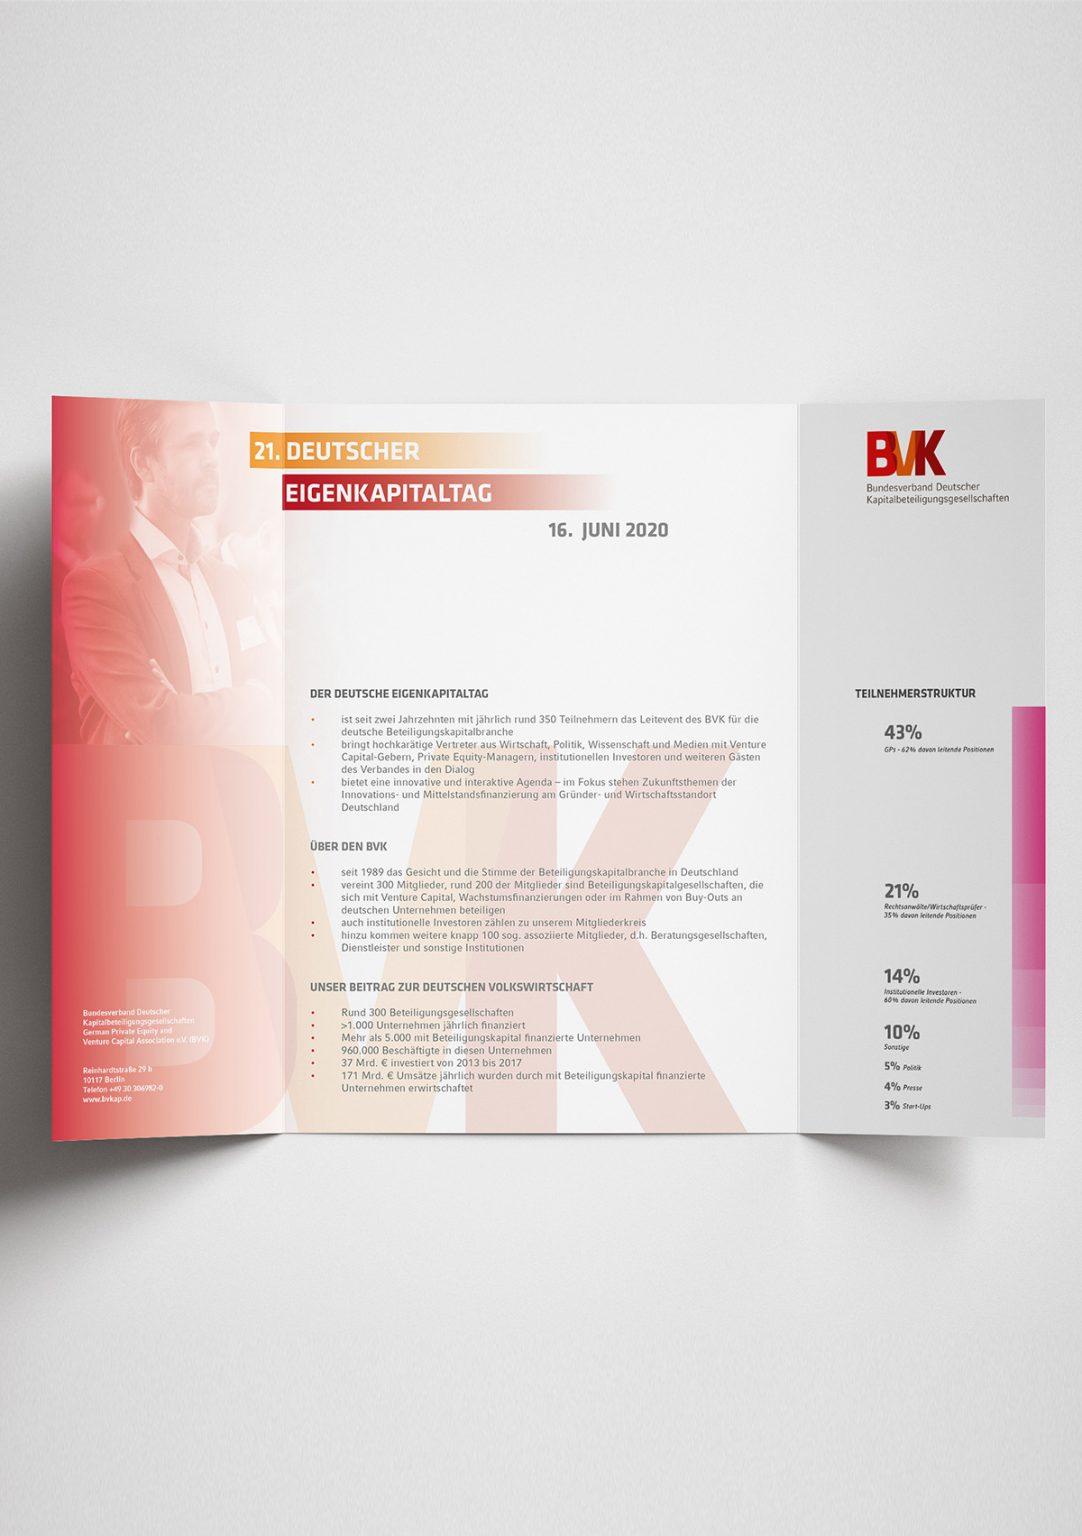 freelancer-fuer-grafikdesign-referenzen-flyer-einladung-BVK